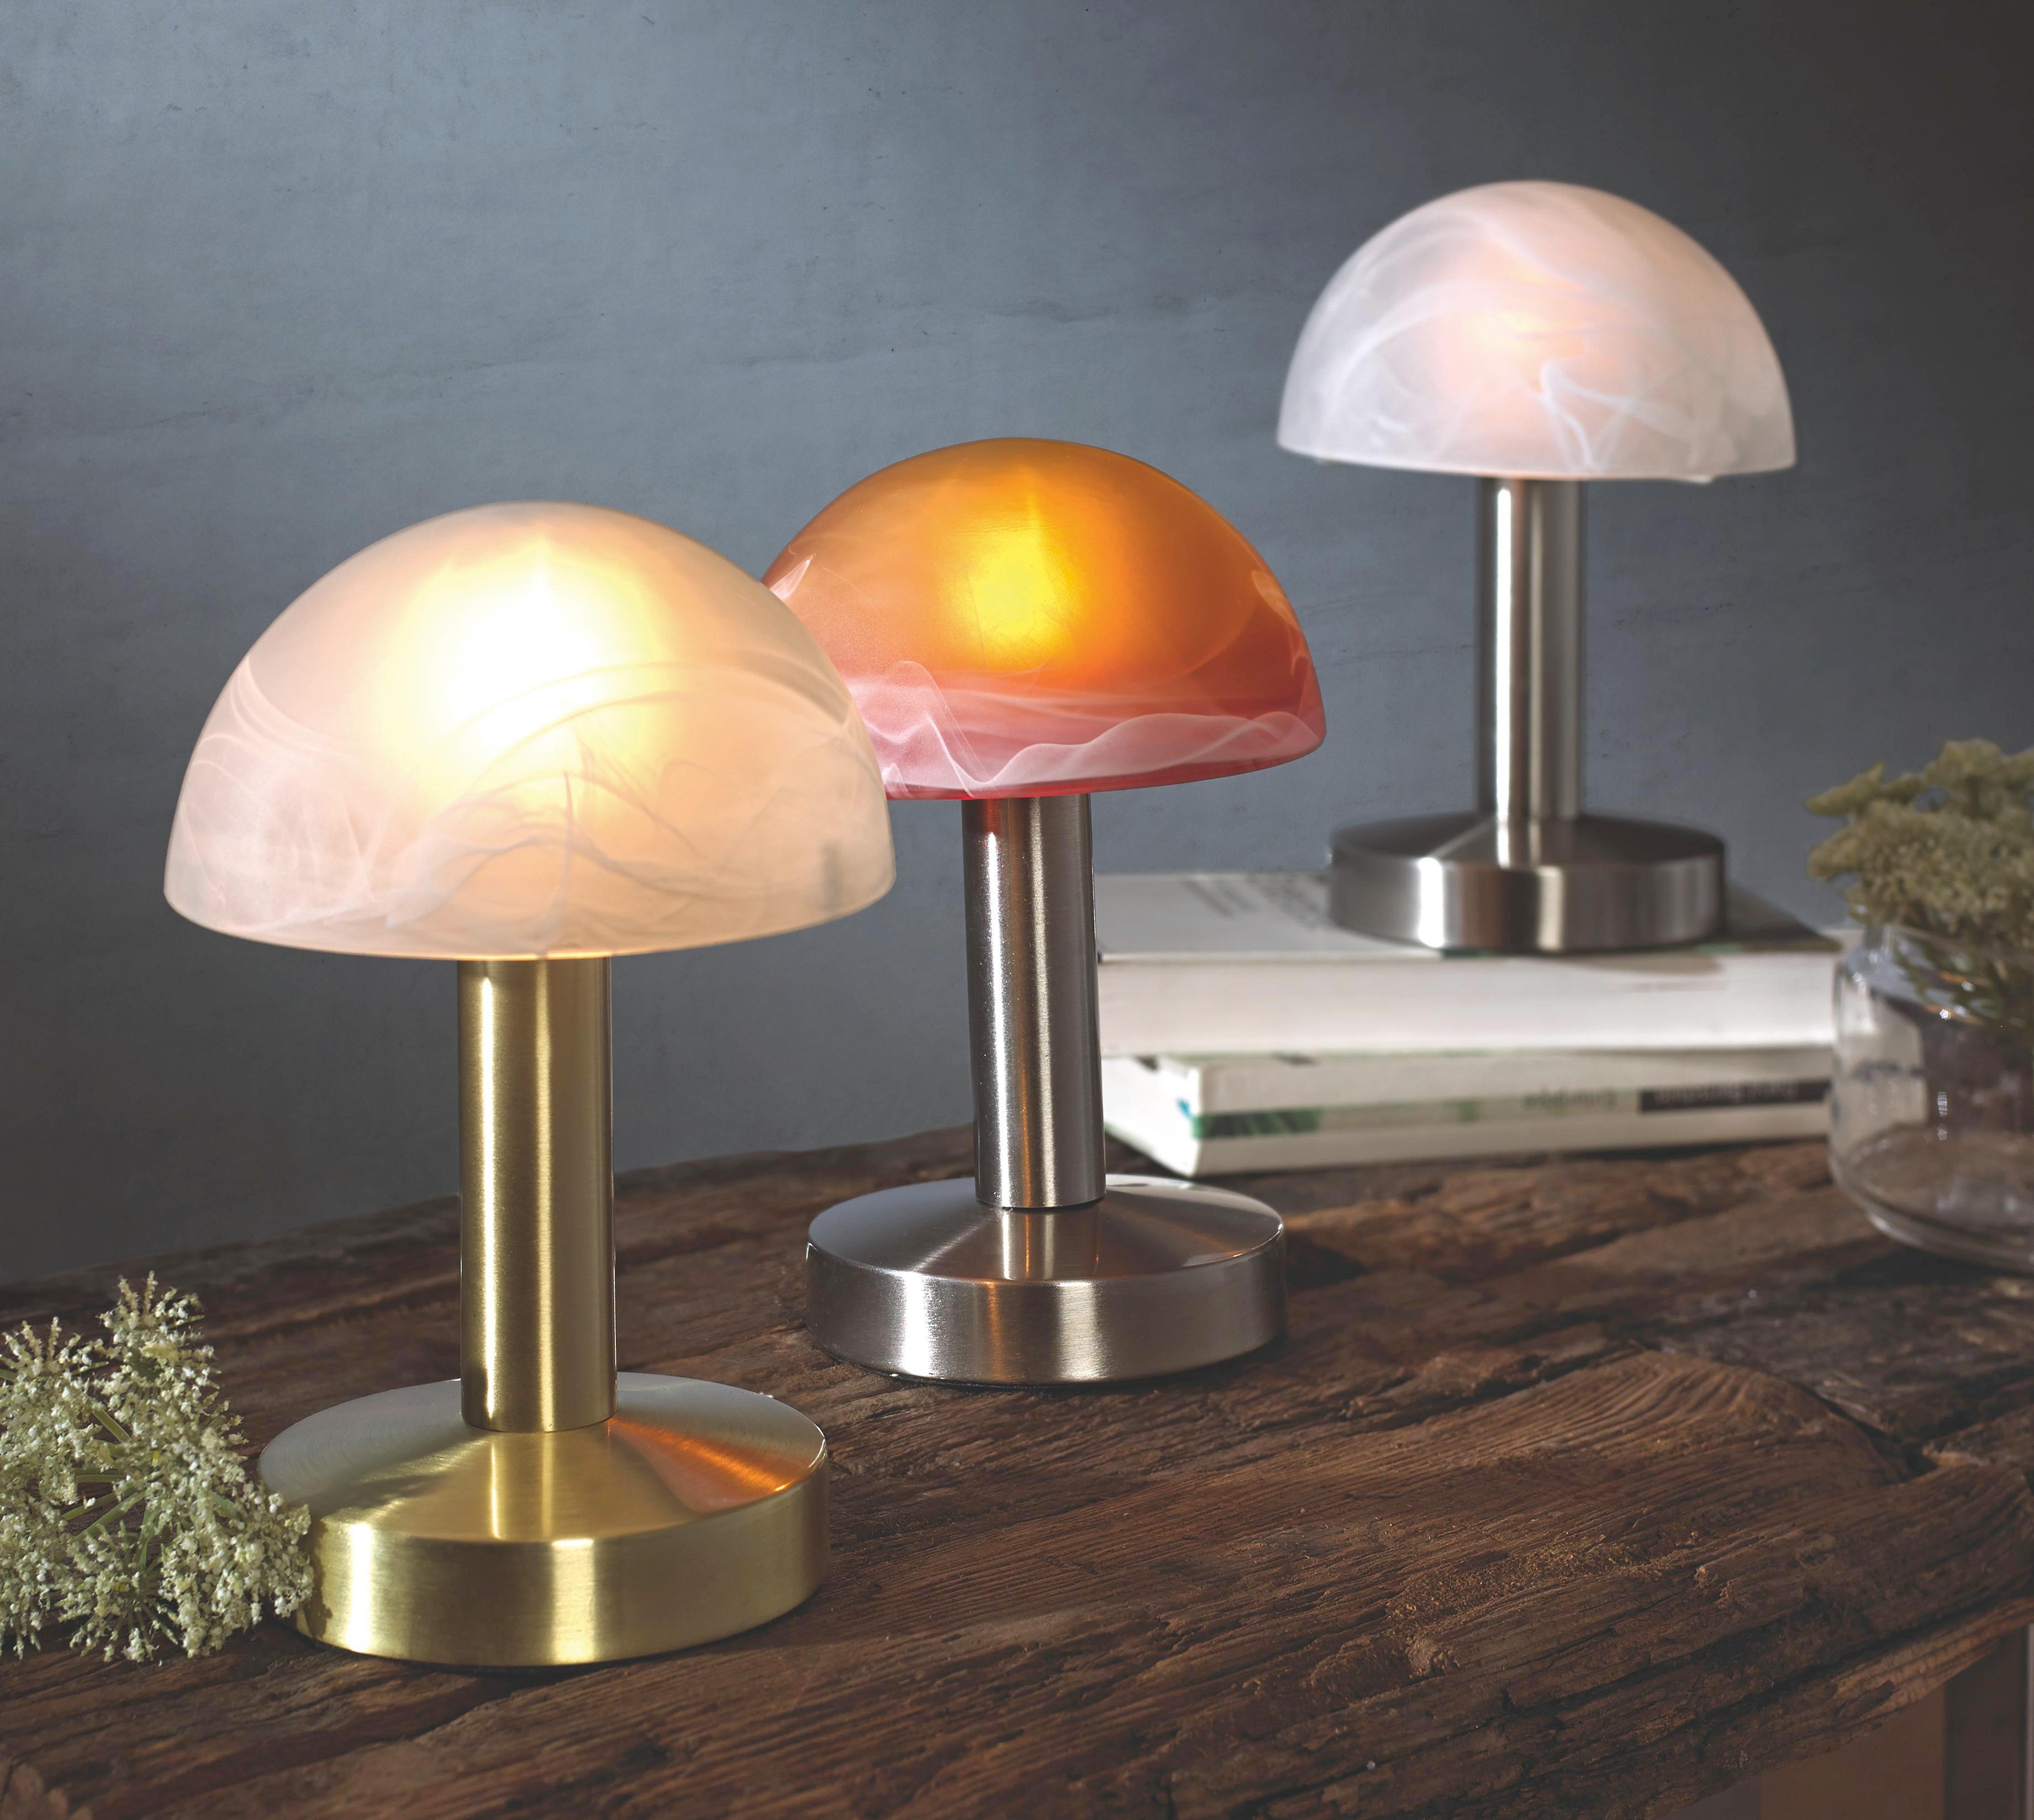 TISCHLEUCHTE - Weiß/Nickelfarben, KONVENTIONELL, Glas/Metall (21cm)